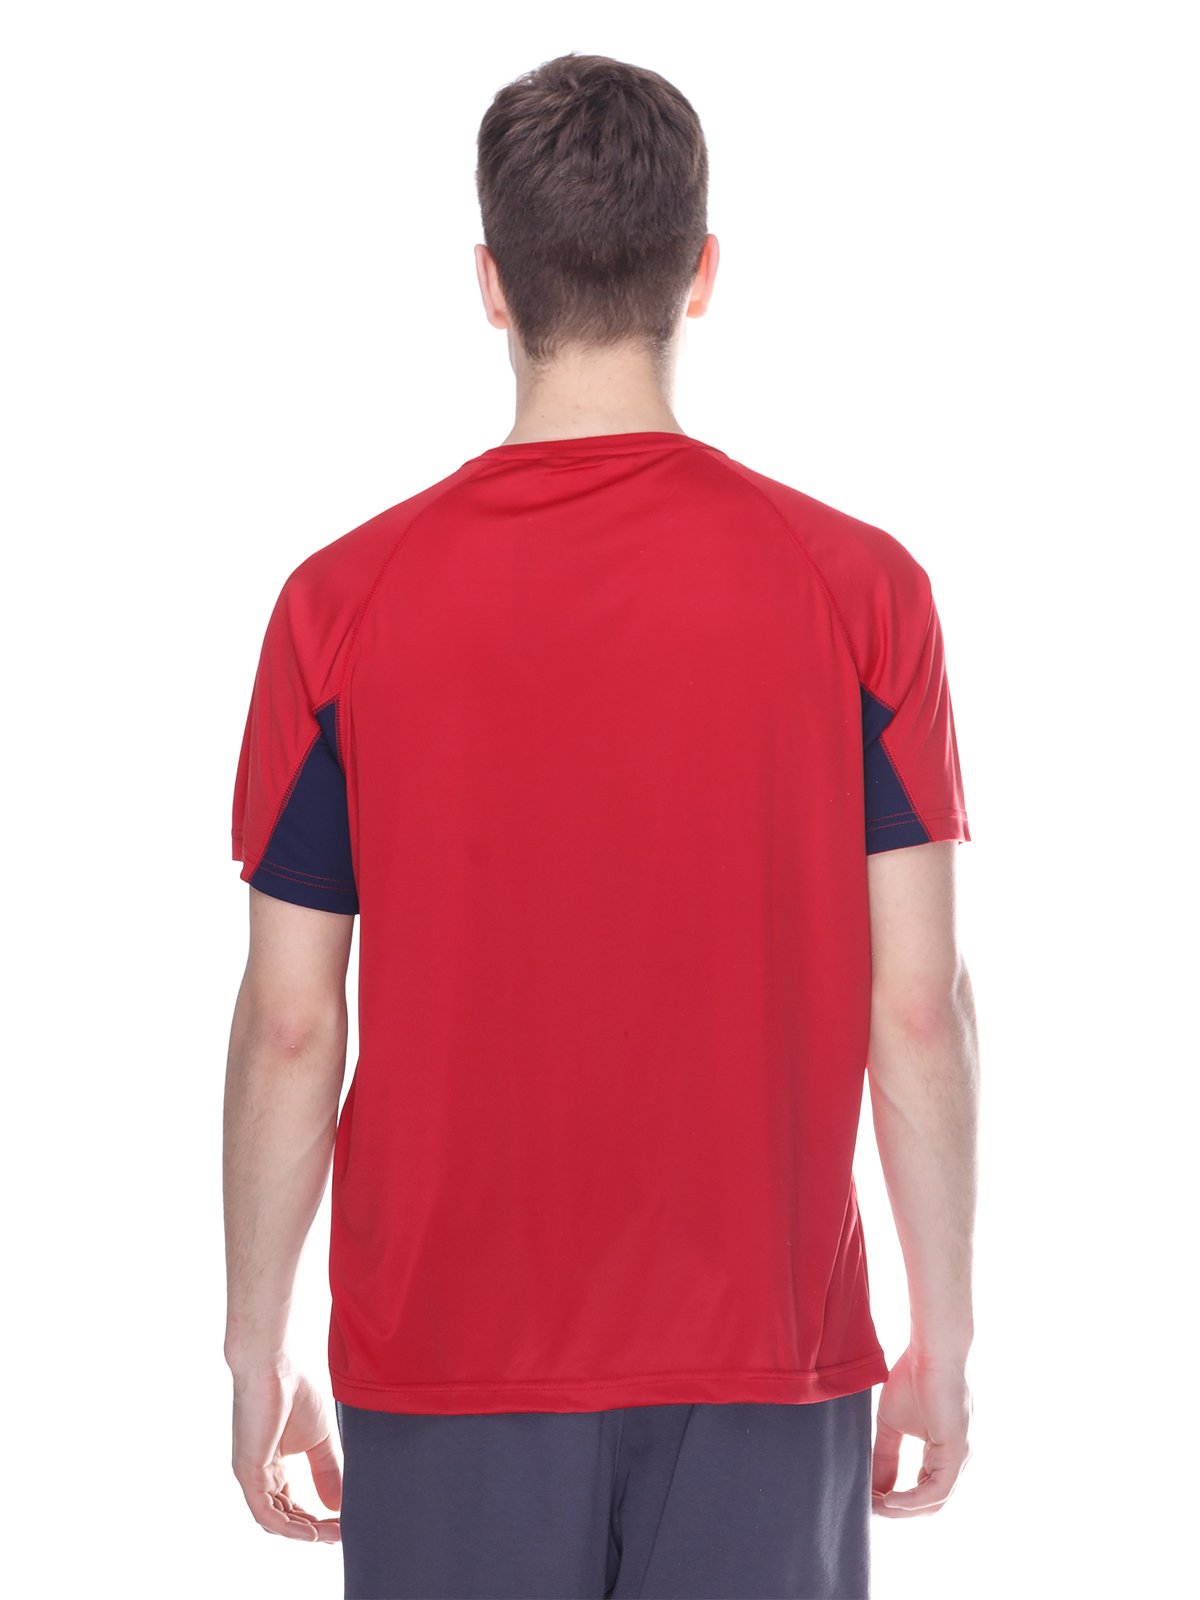 Футболка червона з принтом | 3180250 | фото 2